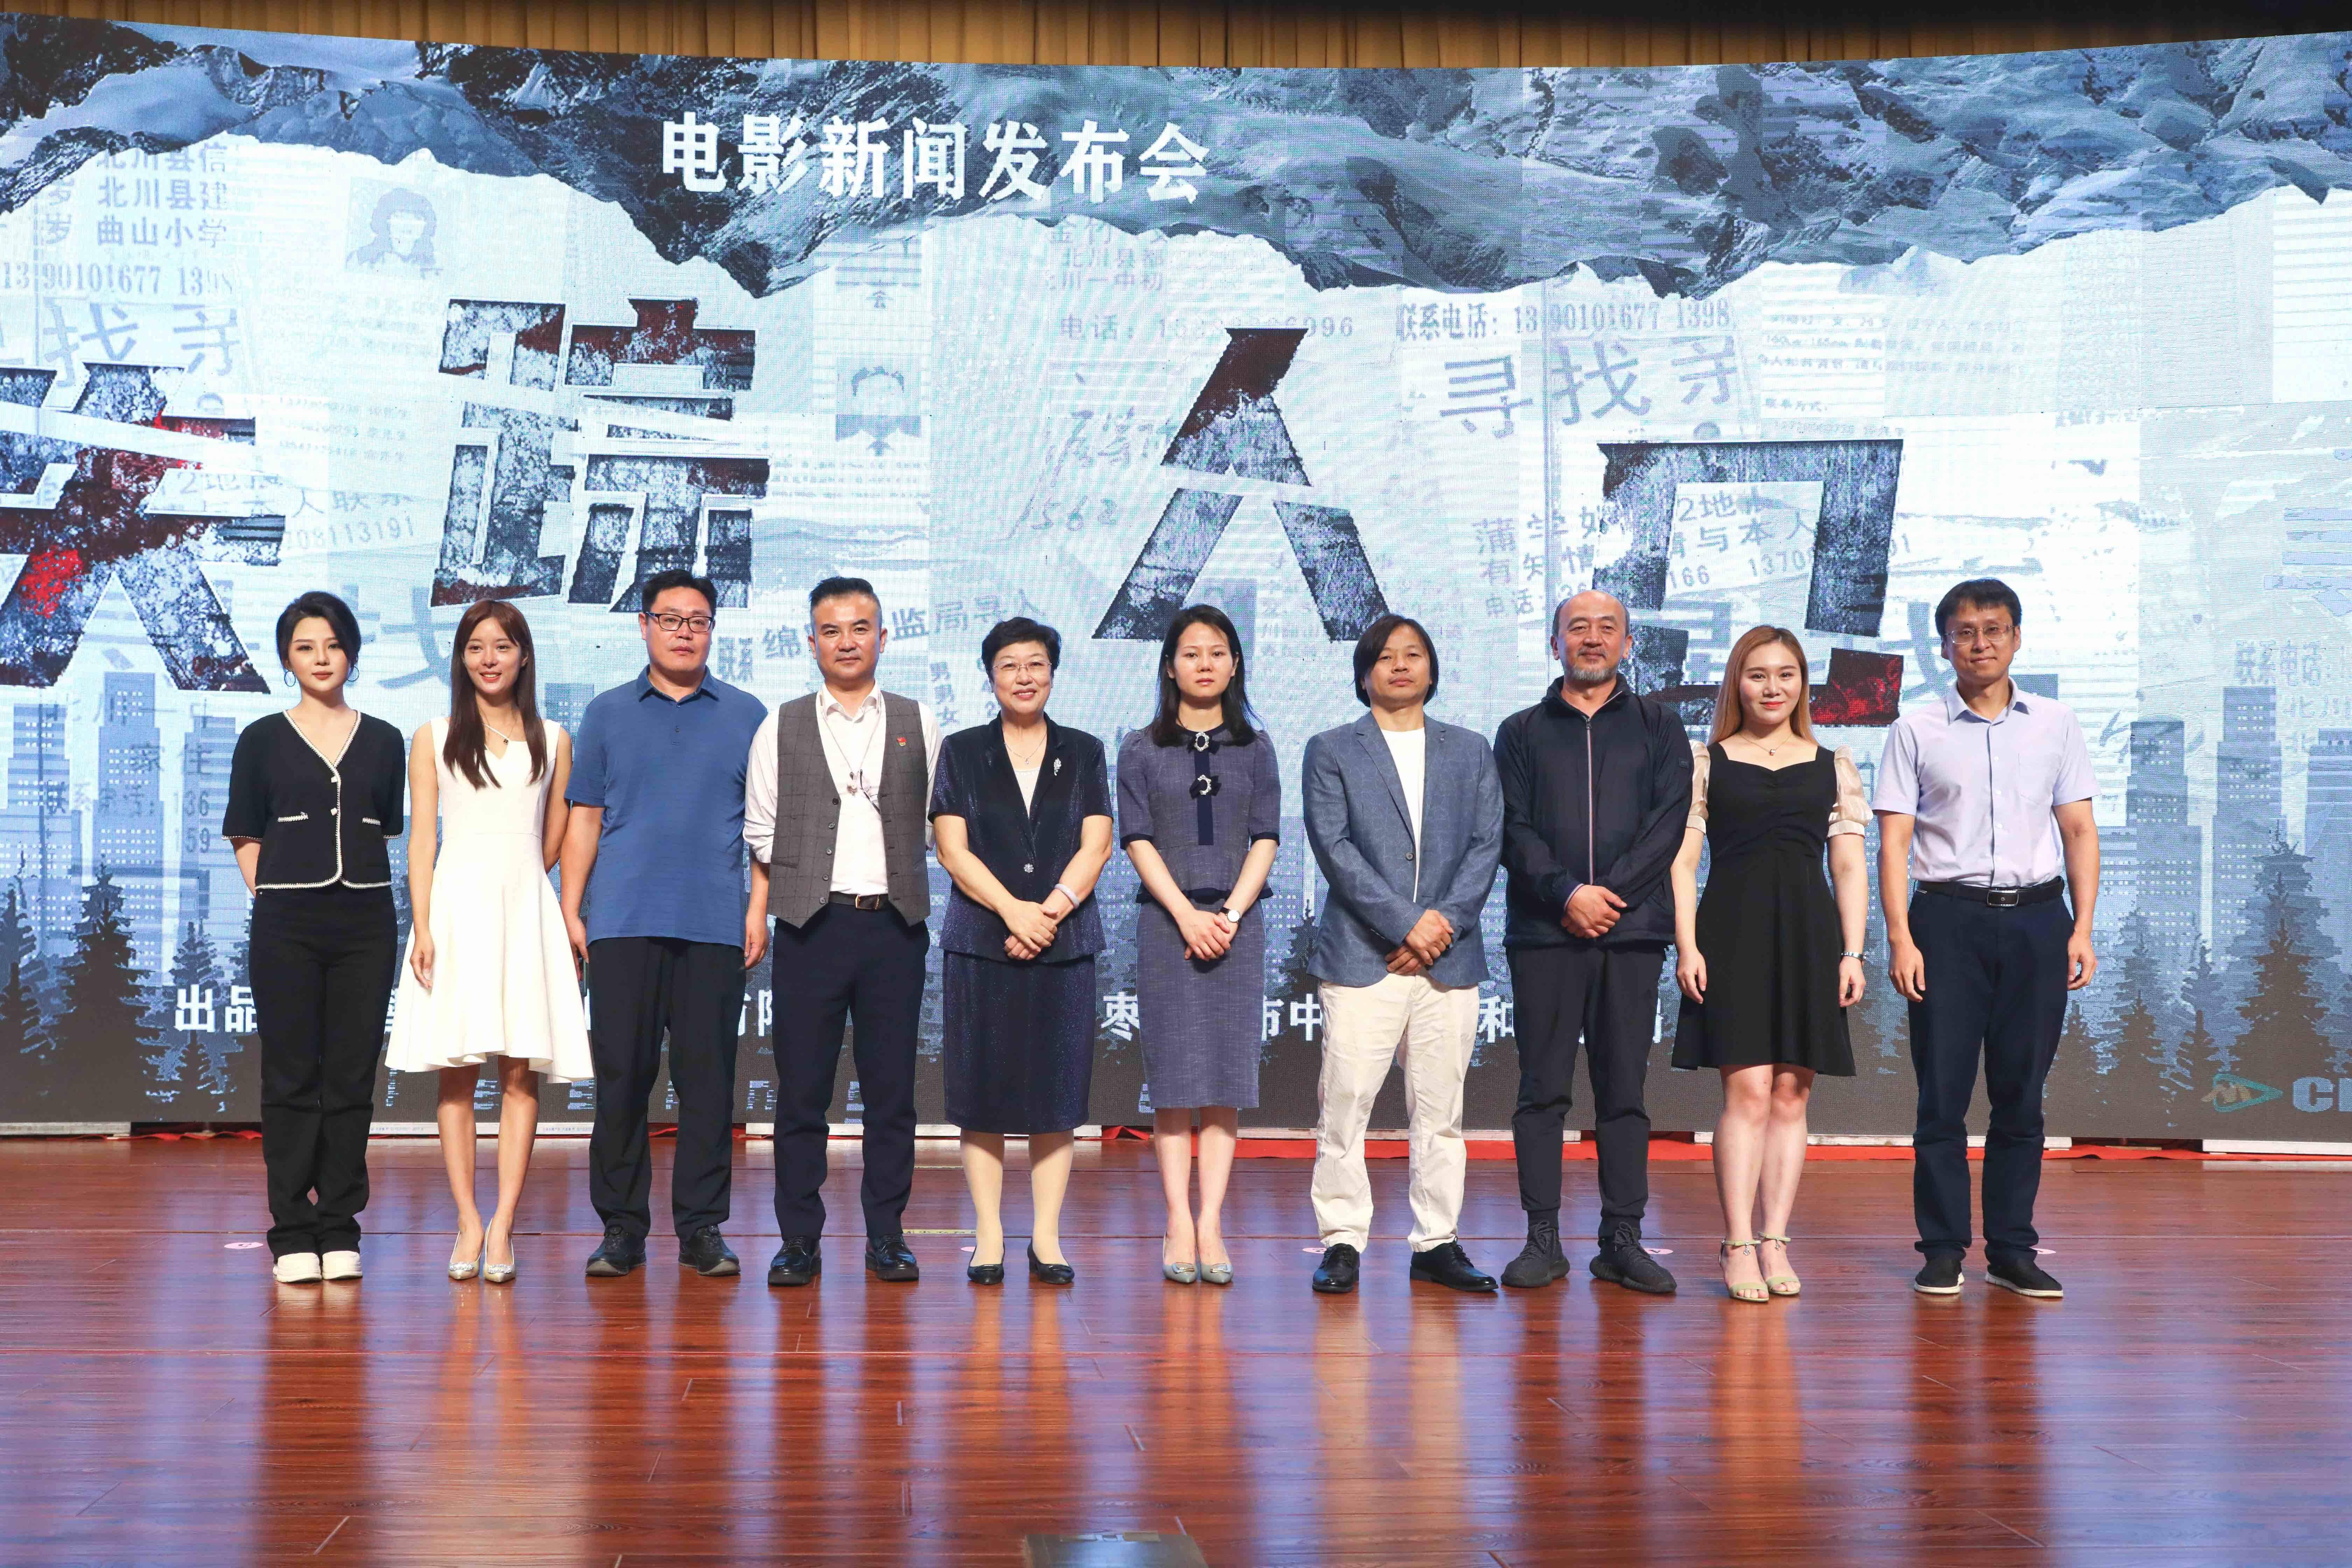 电影《失踪人口》启动仪式新闻发布会在枣庄市市中区举行